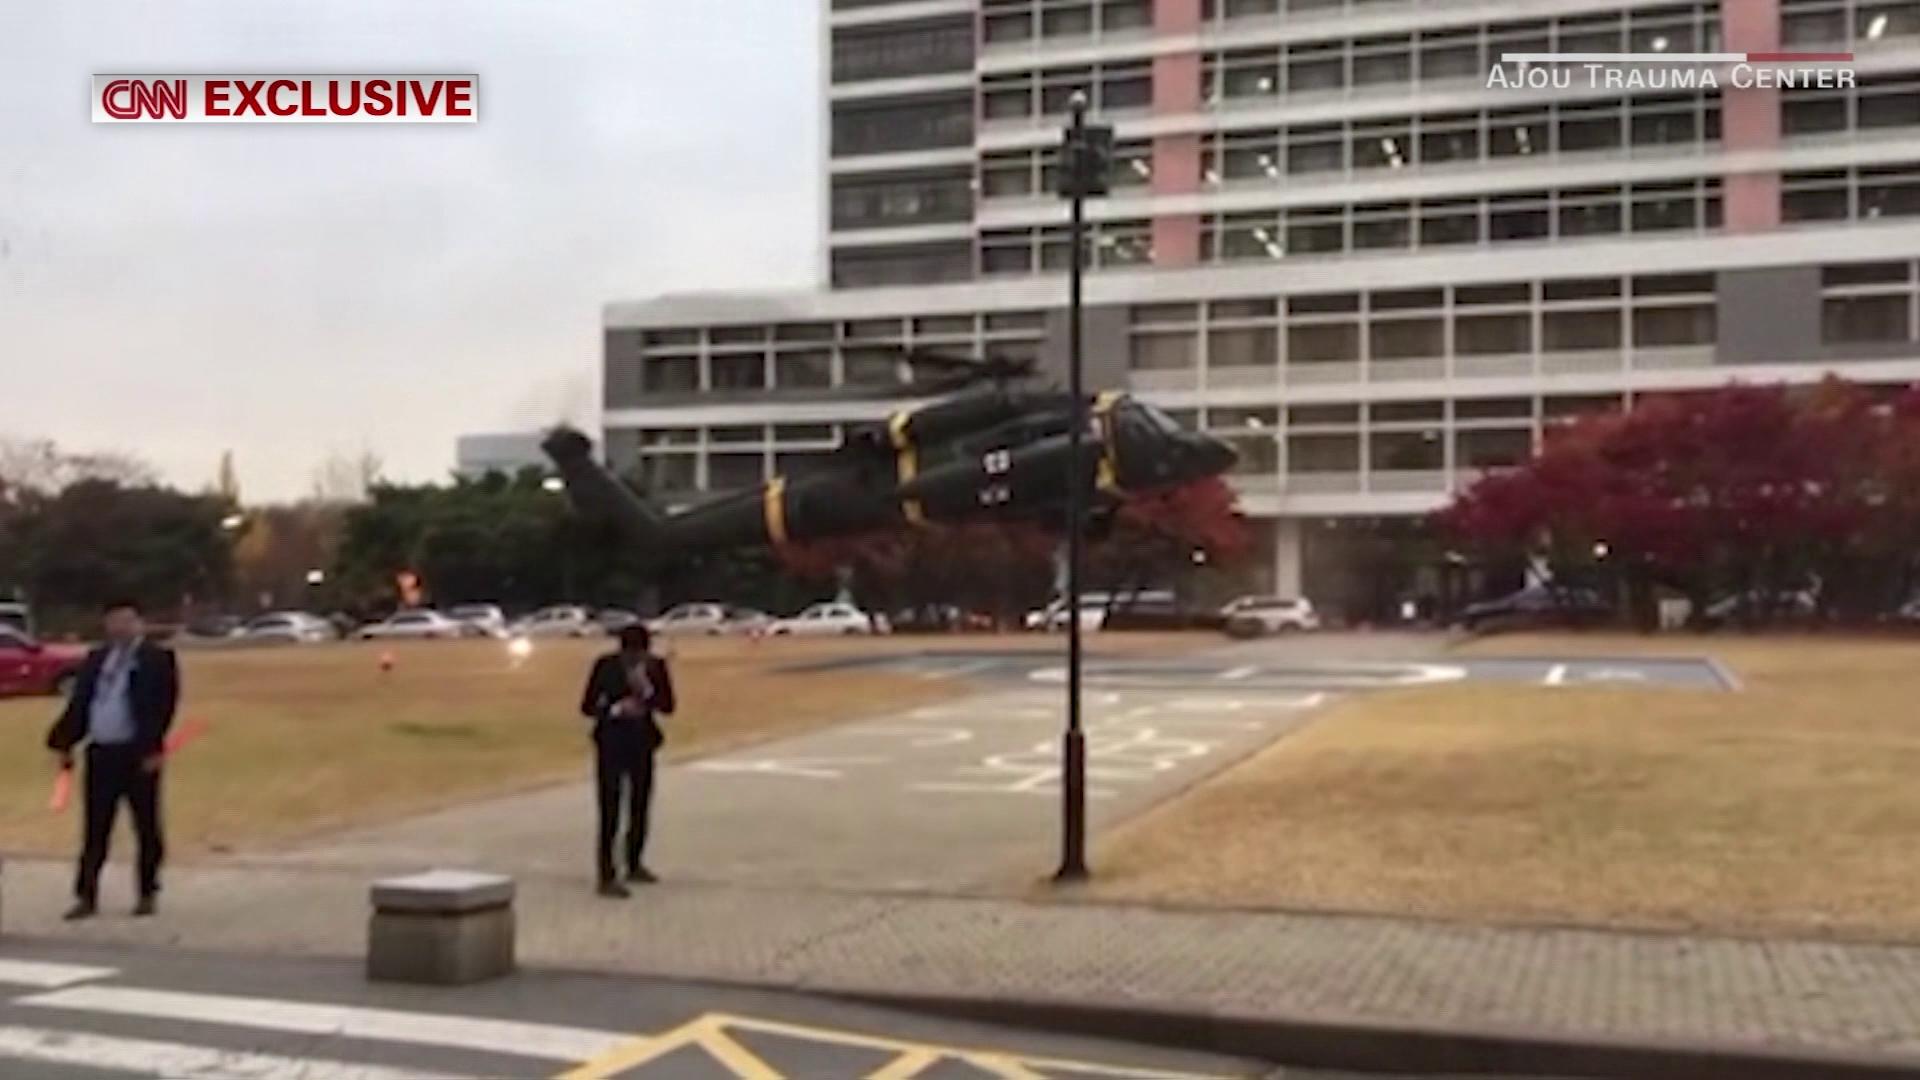 CNN đăng tải hình ảnh độc quyền trong vụ cứu sống binh sĩ Triều Tiên đào tẩu